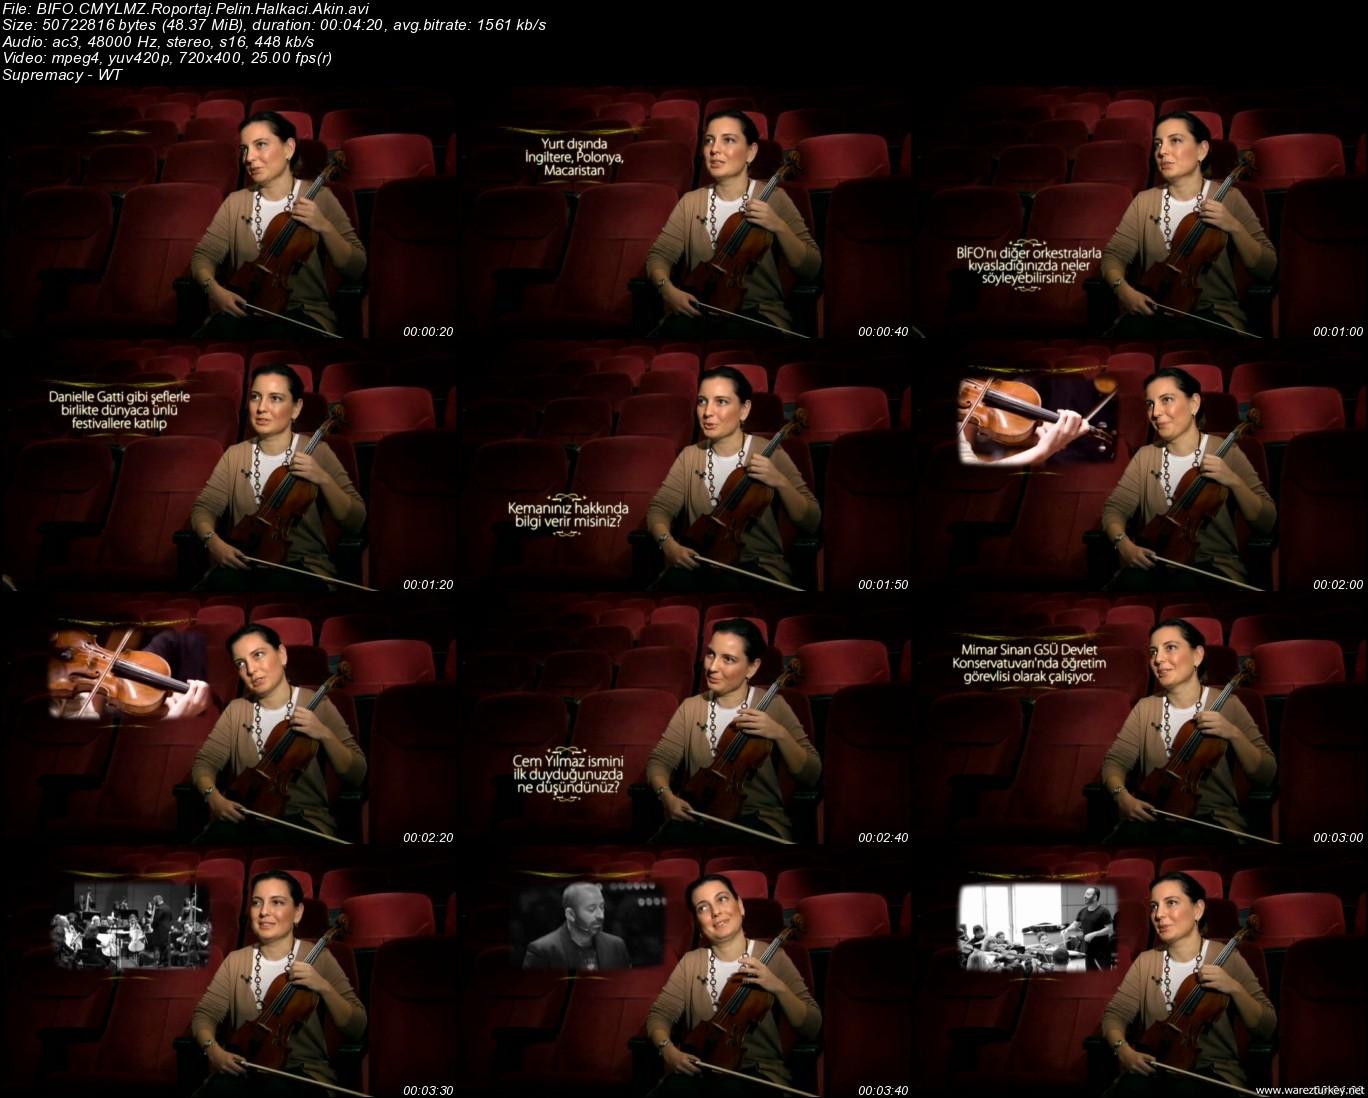 Bifo: Cem Yılmaz - 2011 DVDRip XviD DD5.1 AC3 + Bonus indir